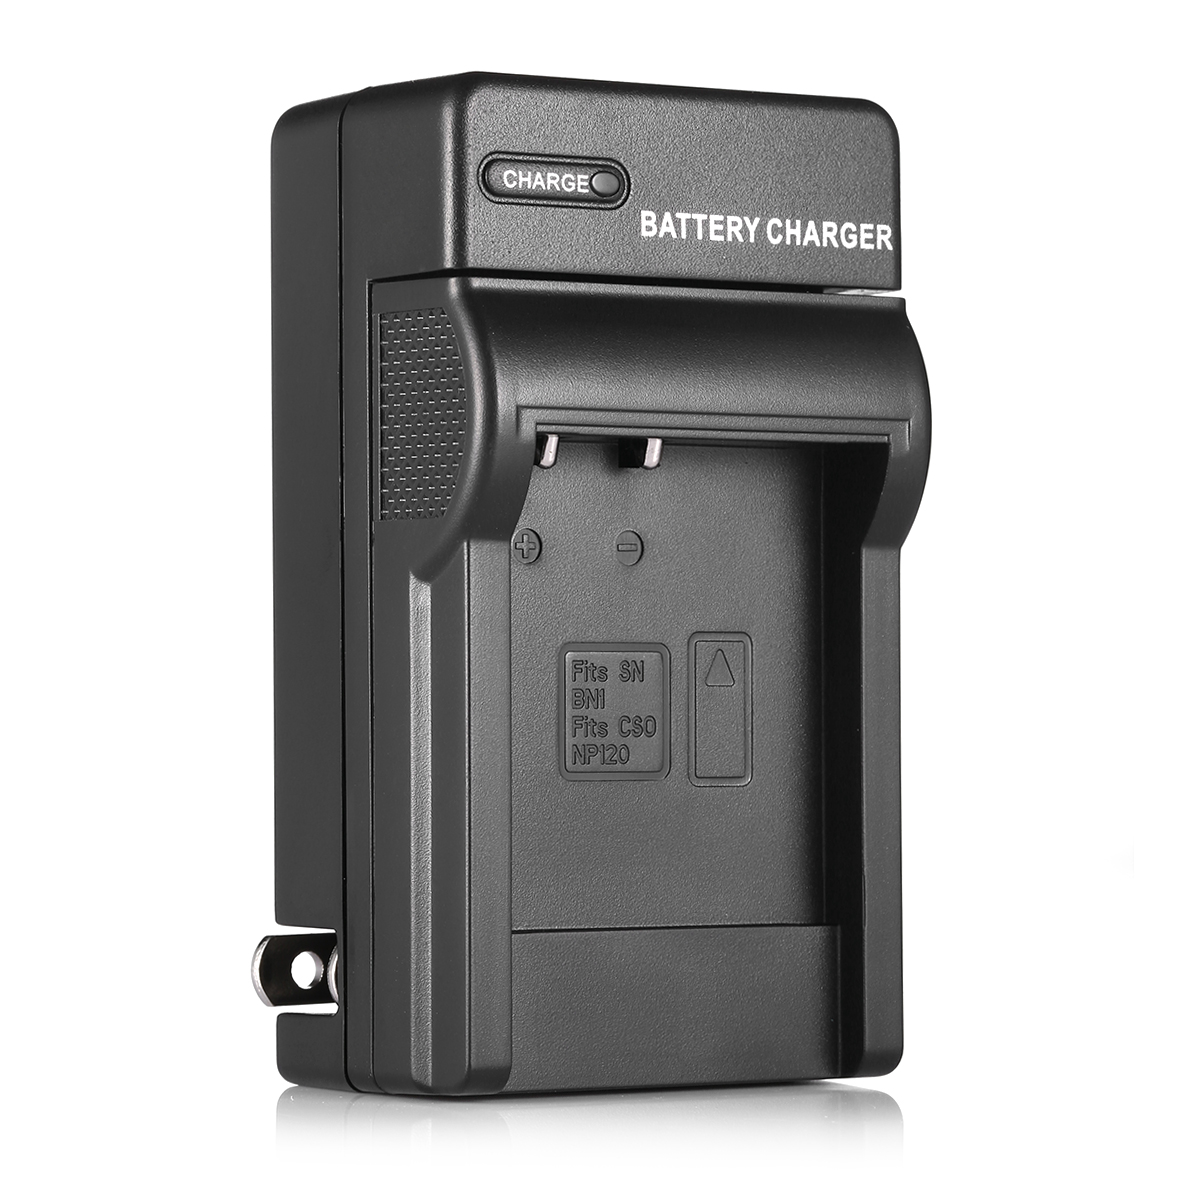 Np Bn1 Battery Charger For Sony Dsc Wx220 Dsc W800 Dscw830